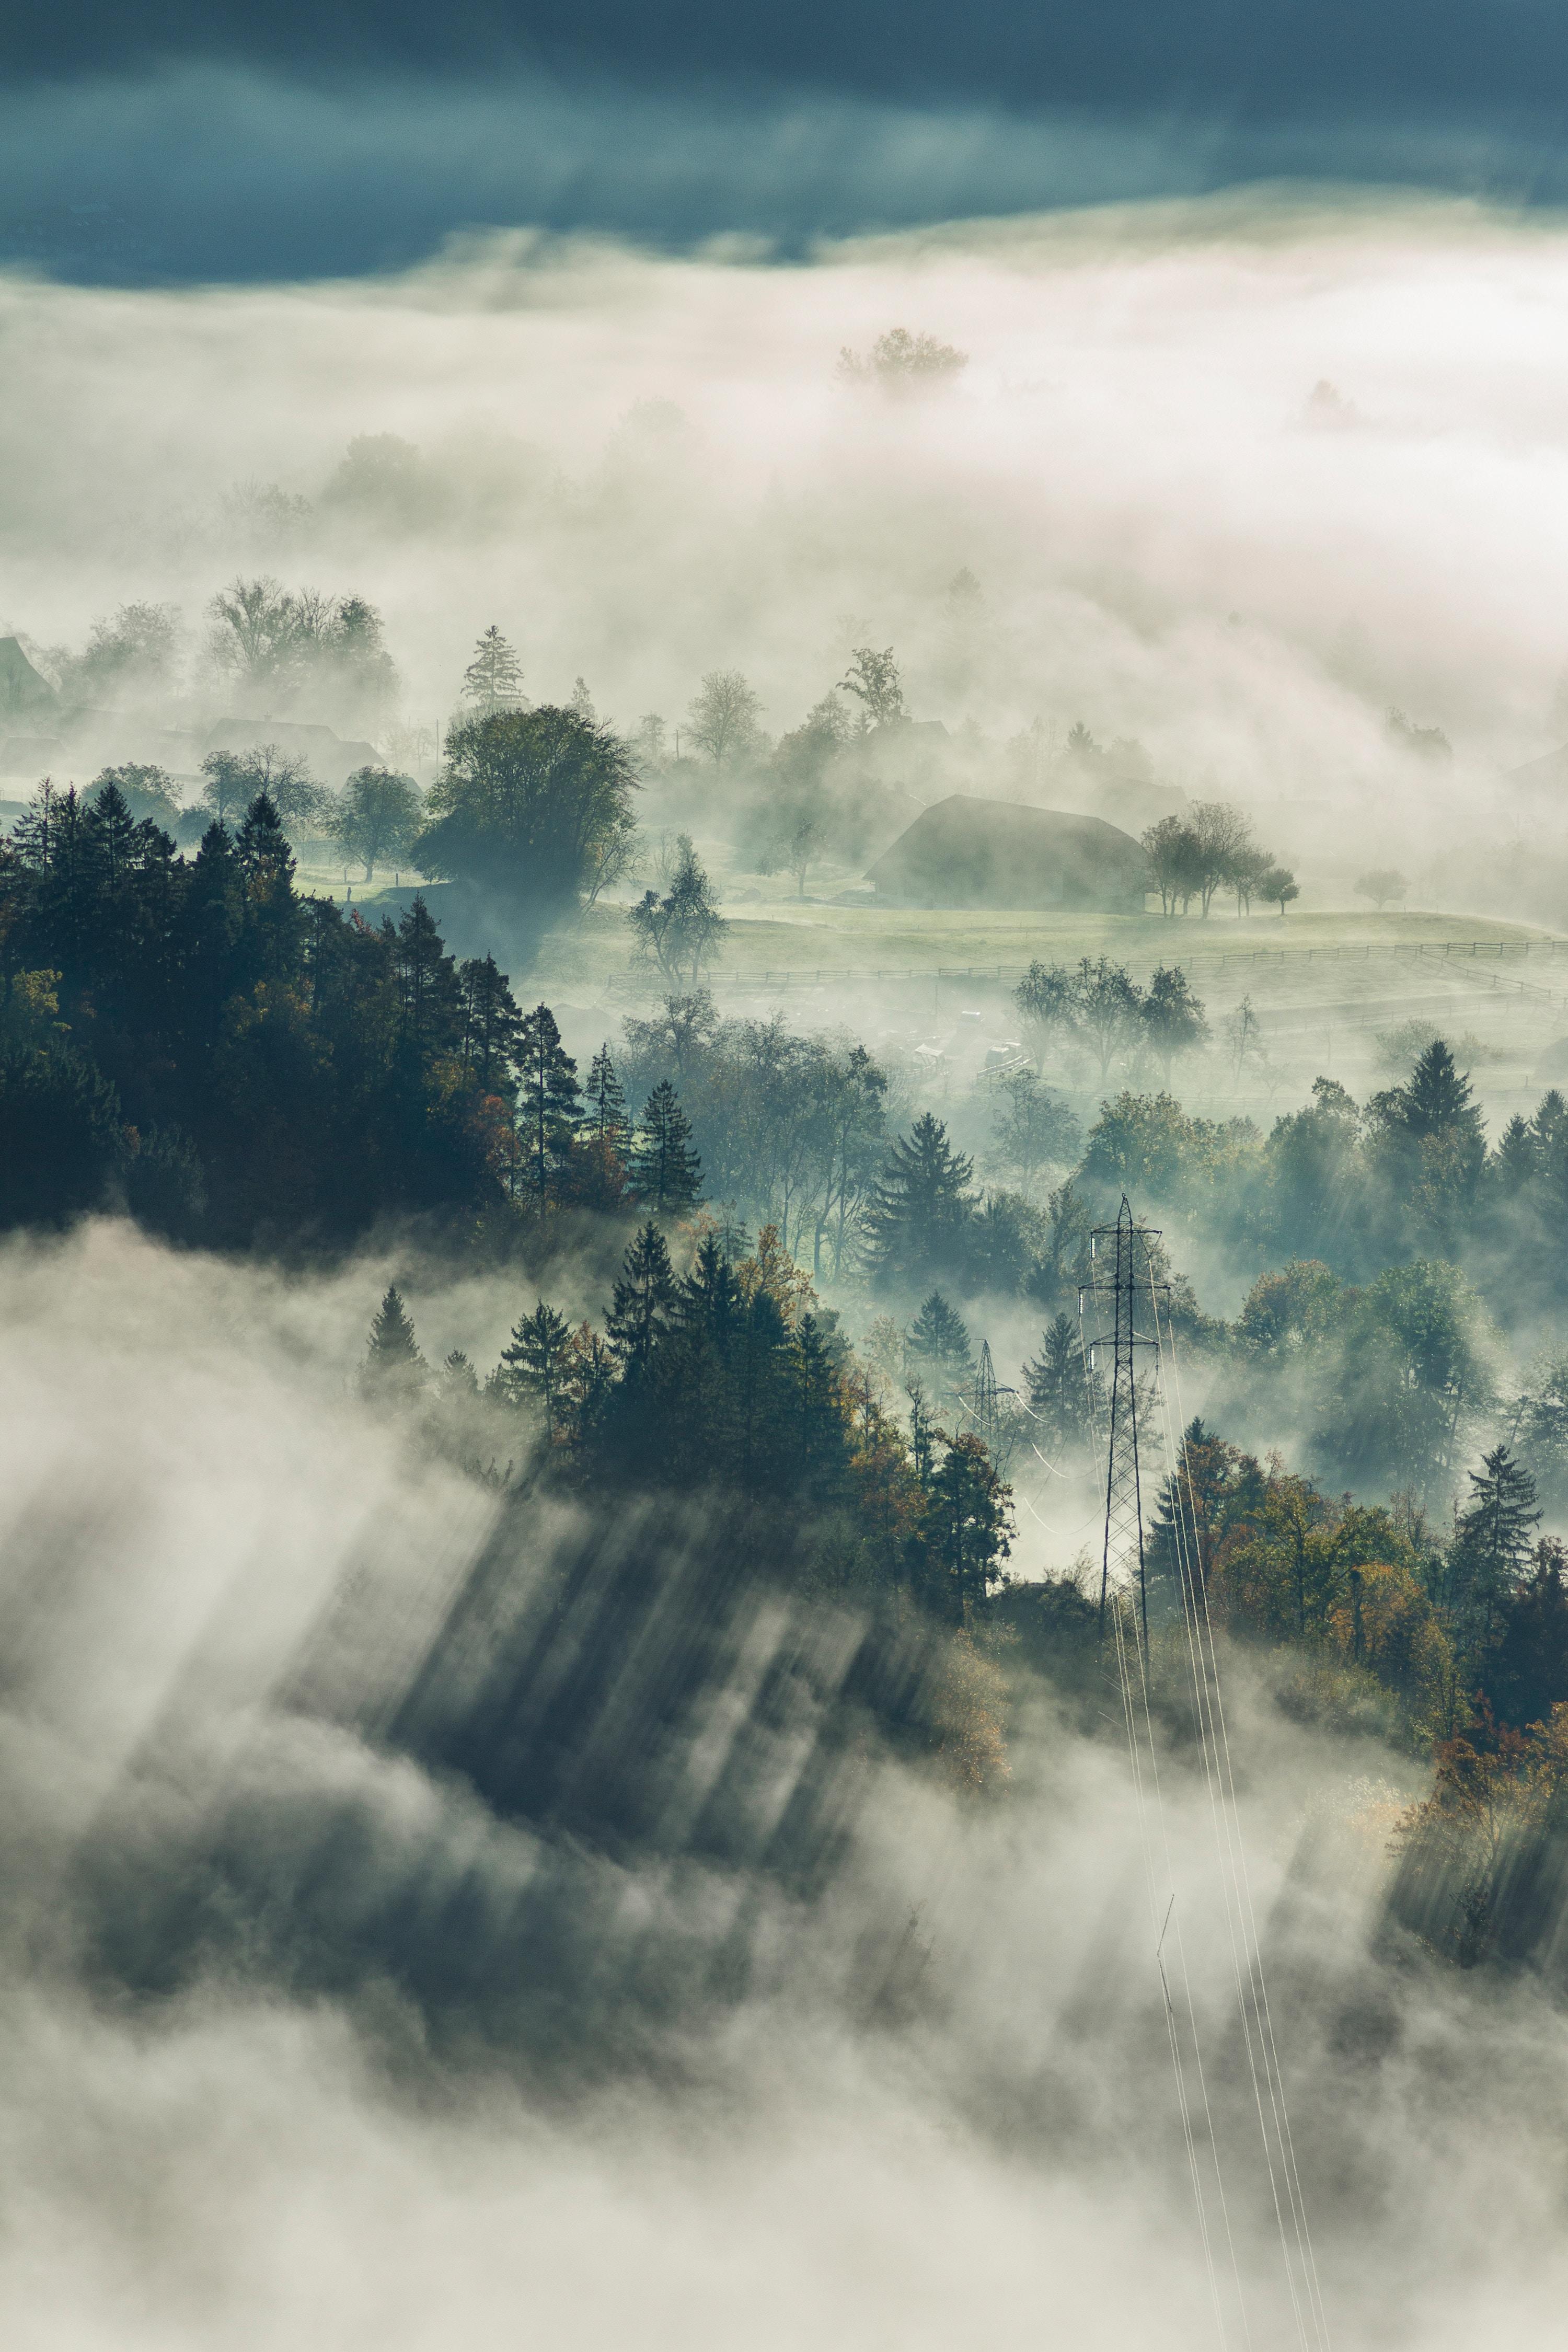 90875 papel de parede 1080x2400 em seu telefone gratuitamente, baixe imagens Natureza, Árvores, Vista De Cima, Ver De Cima, Floresta, Névoa, Nevoeiro, Eslovênia, Sangrado, Sangrou 1080x2400 em seu celular